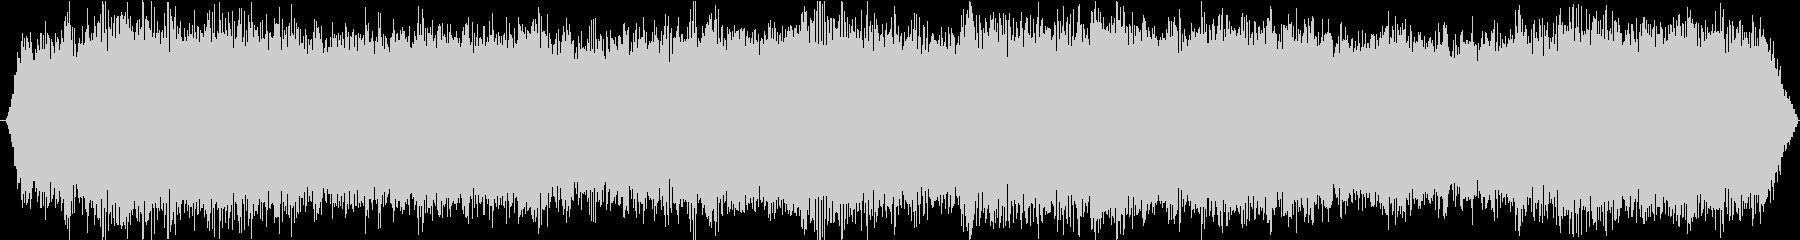 PADS チルエアー02の未再生の波形